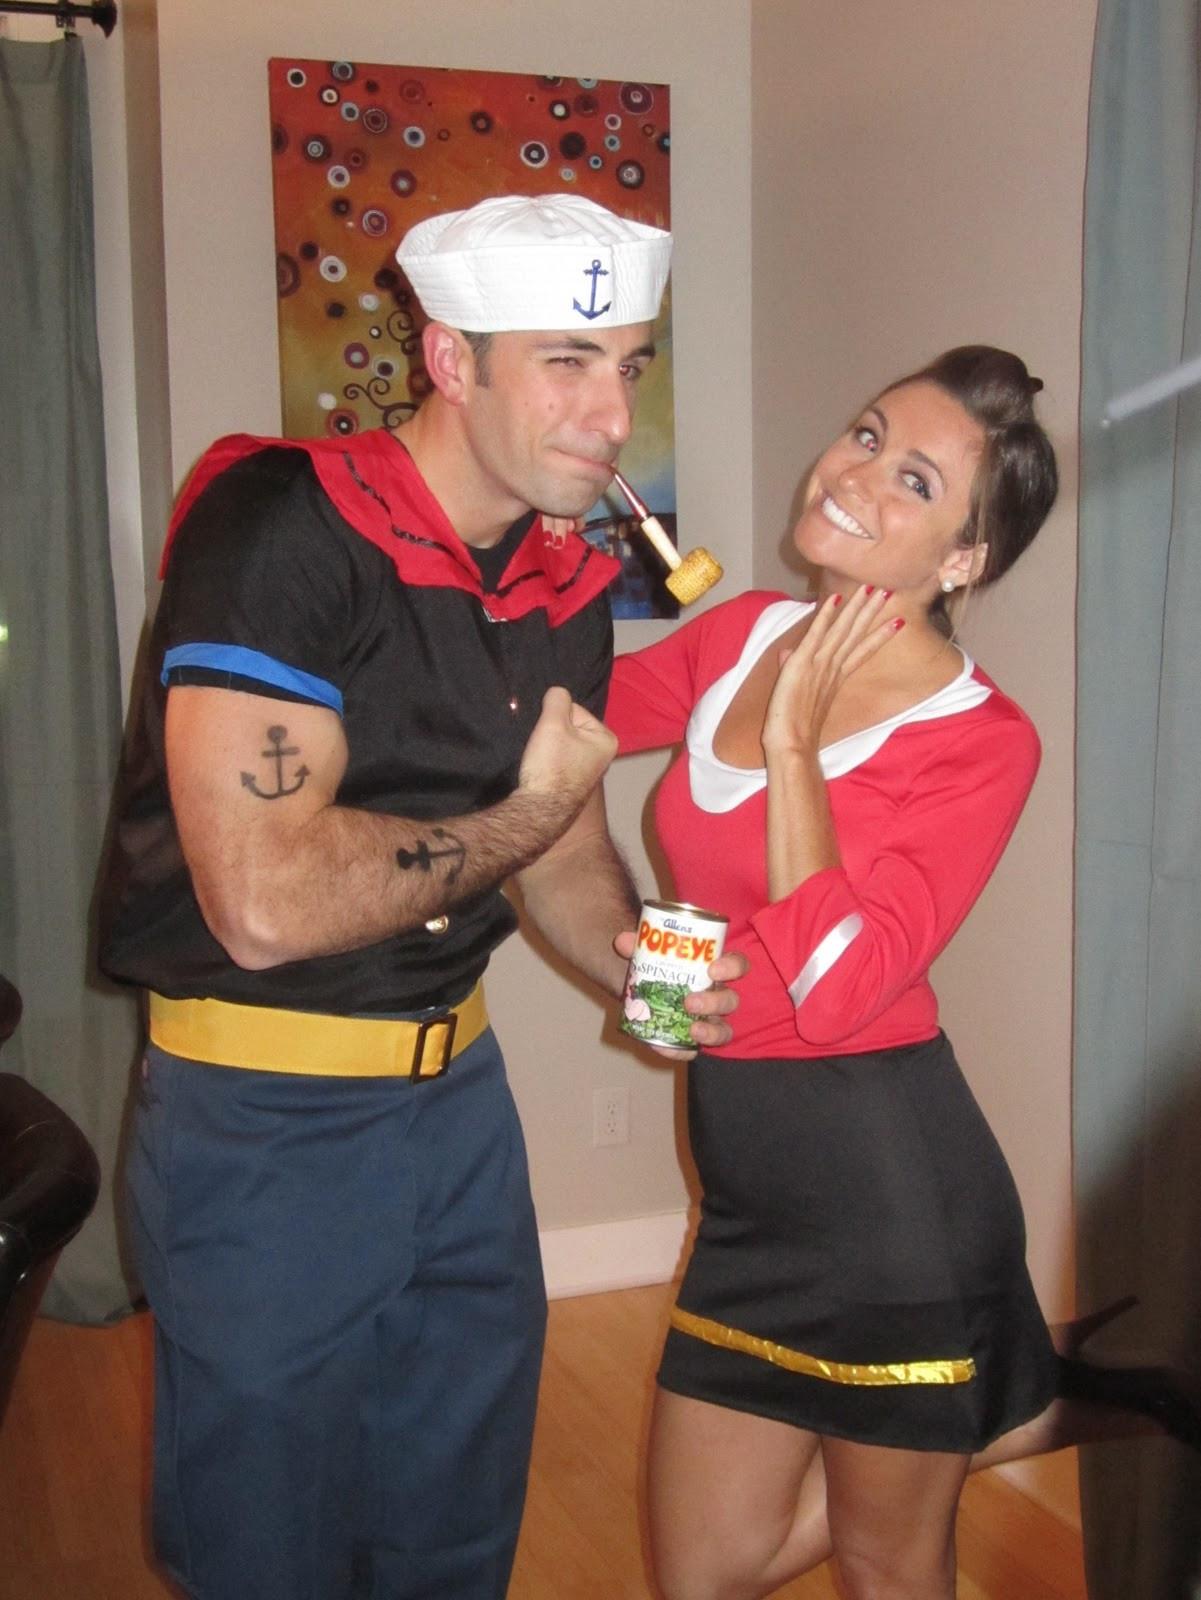 Couples Costumes DIY  25 Genius DIY Couples Costumes